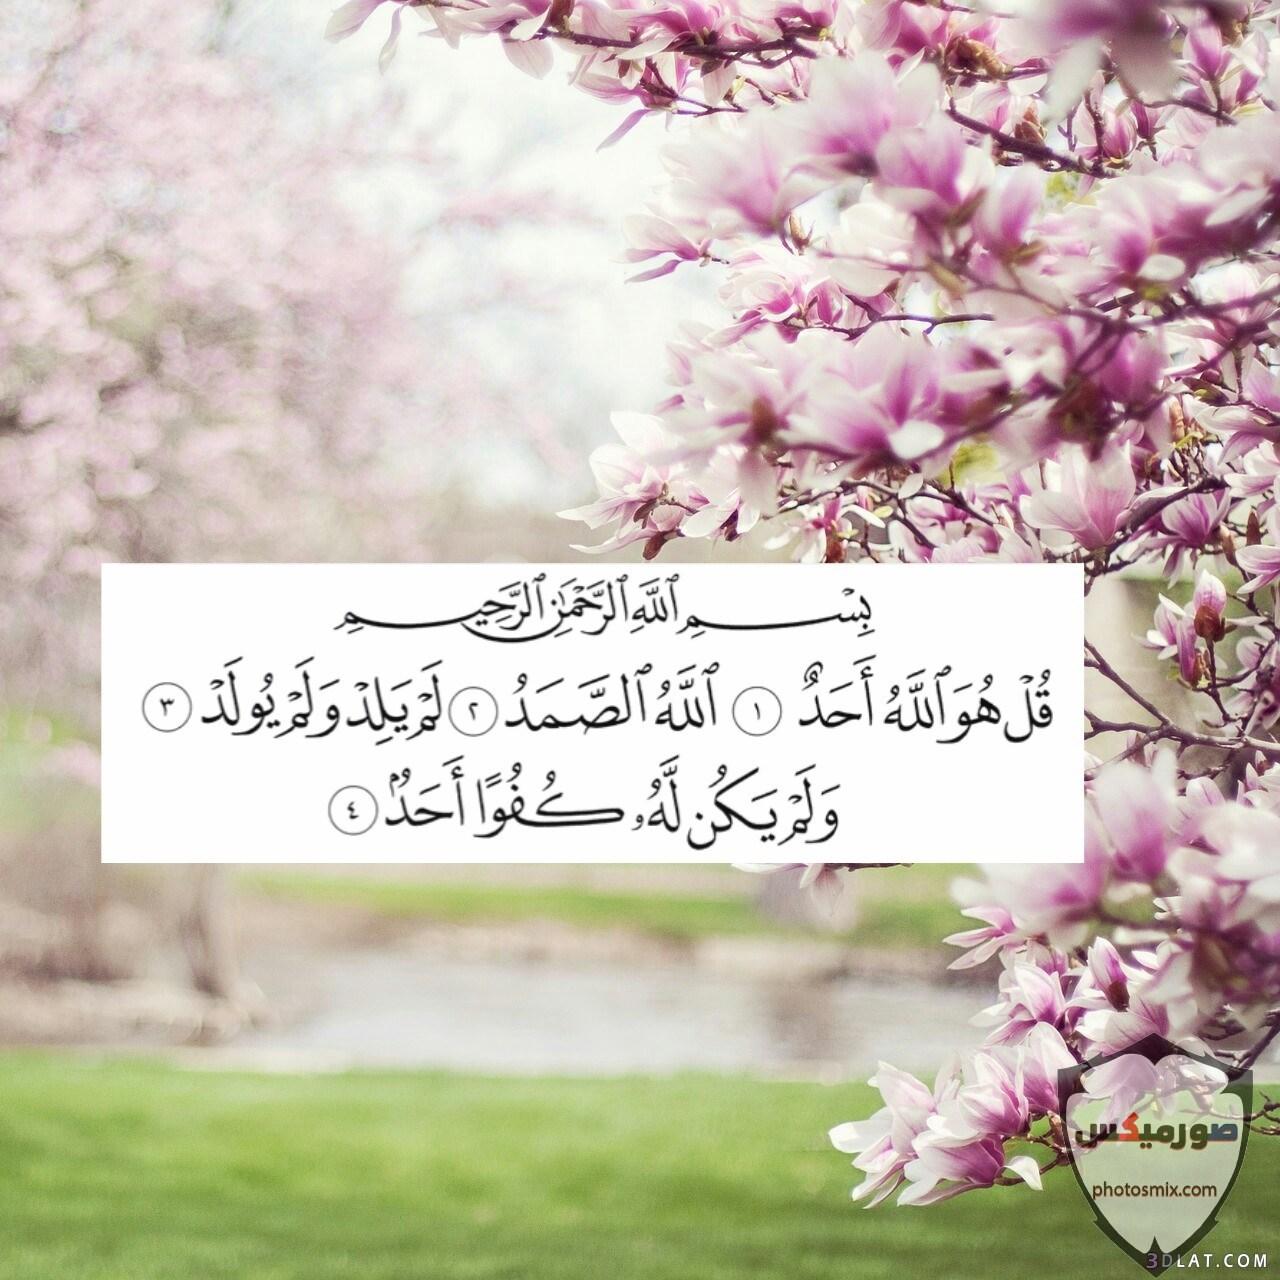 صور قرآن جميلة صور دعاء ادعية مصور صور وخلفيات مكتوب عليها الله 10